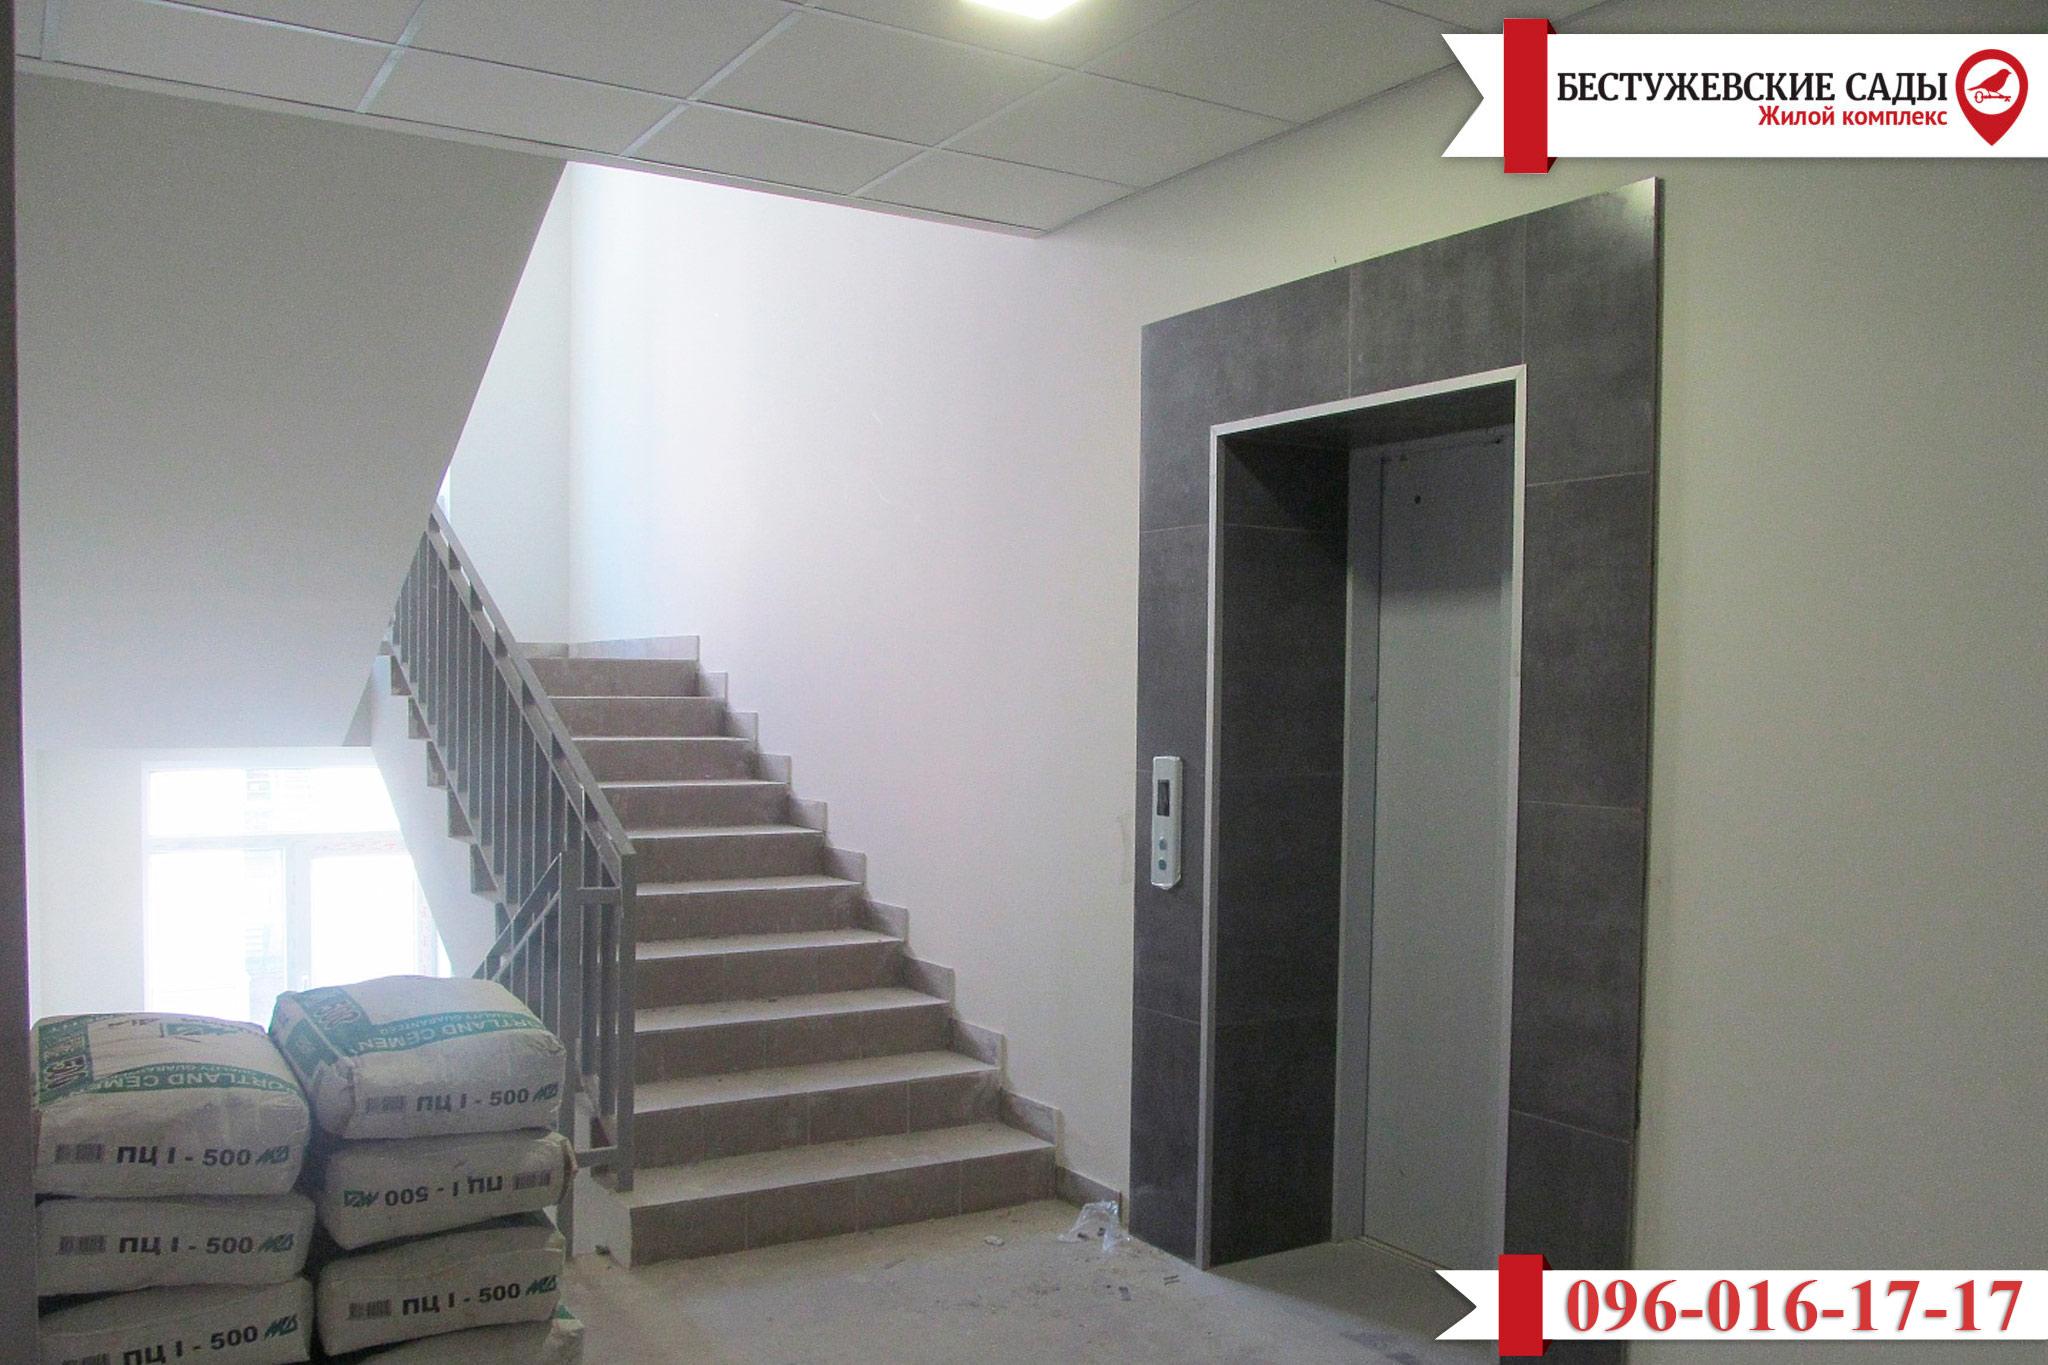 ЖК «Бестужевские сады-2». Новости о строительстве объекта